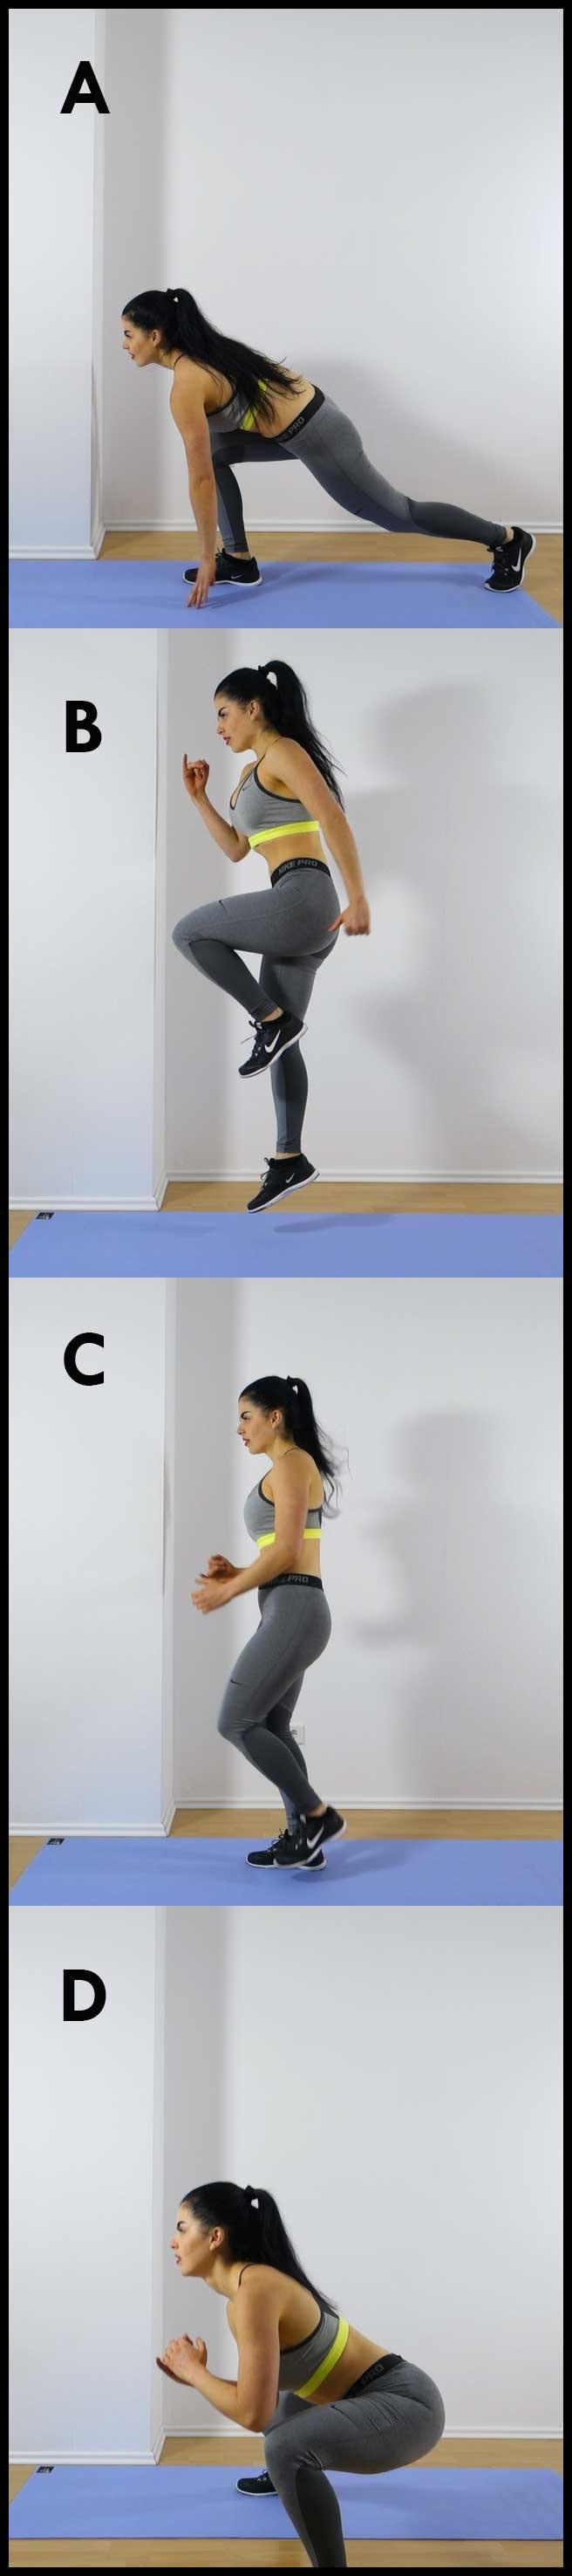 Runner skip side lunge